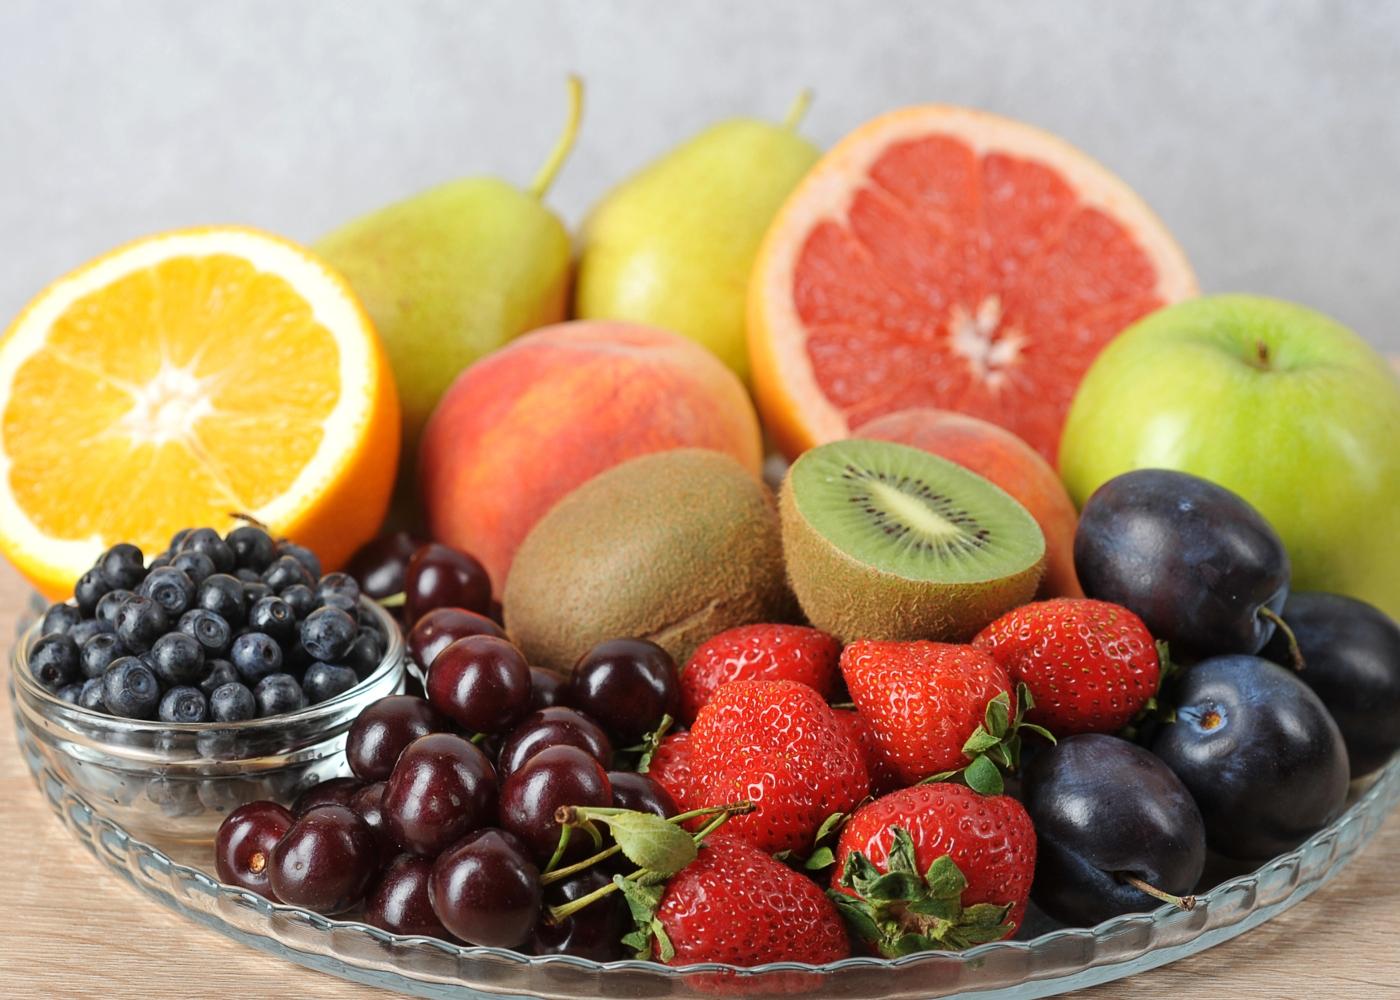 Prato com fruta em cima de mesa